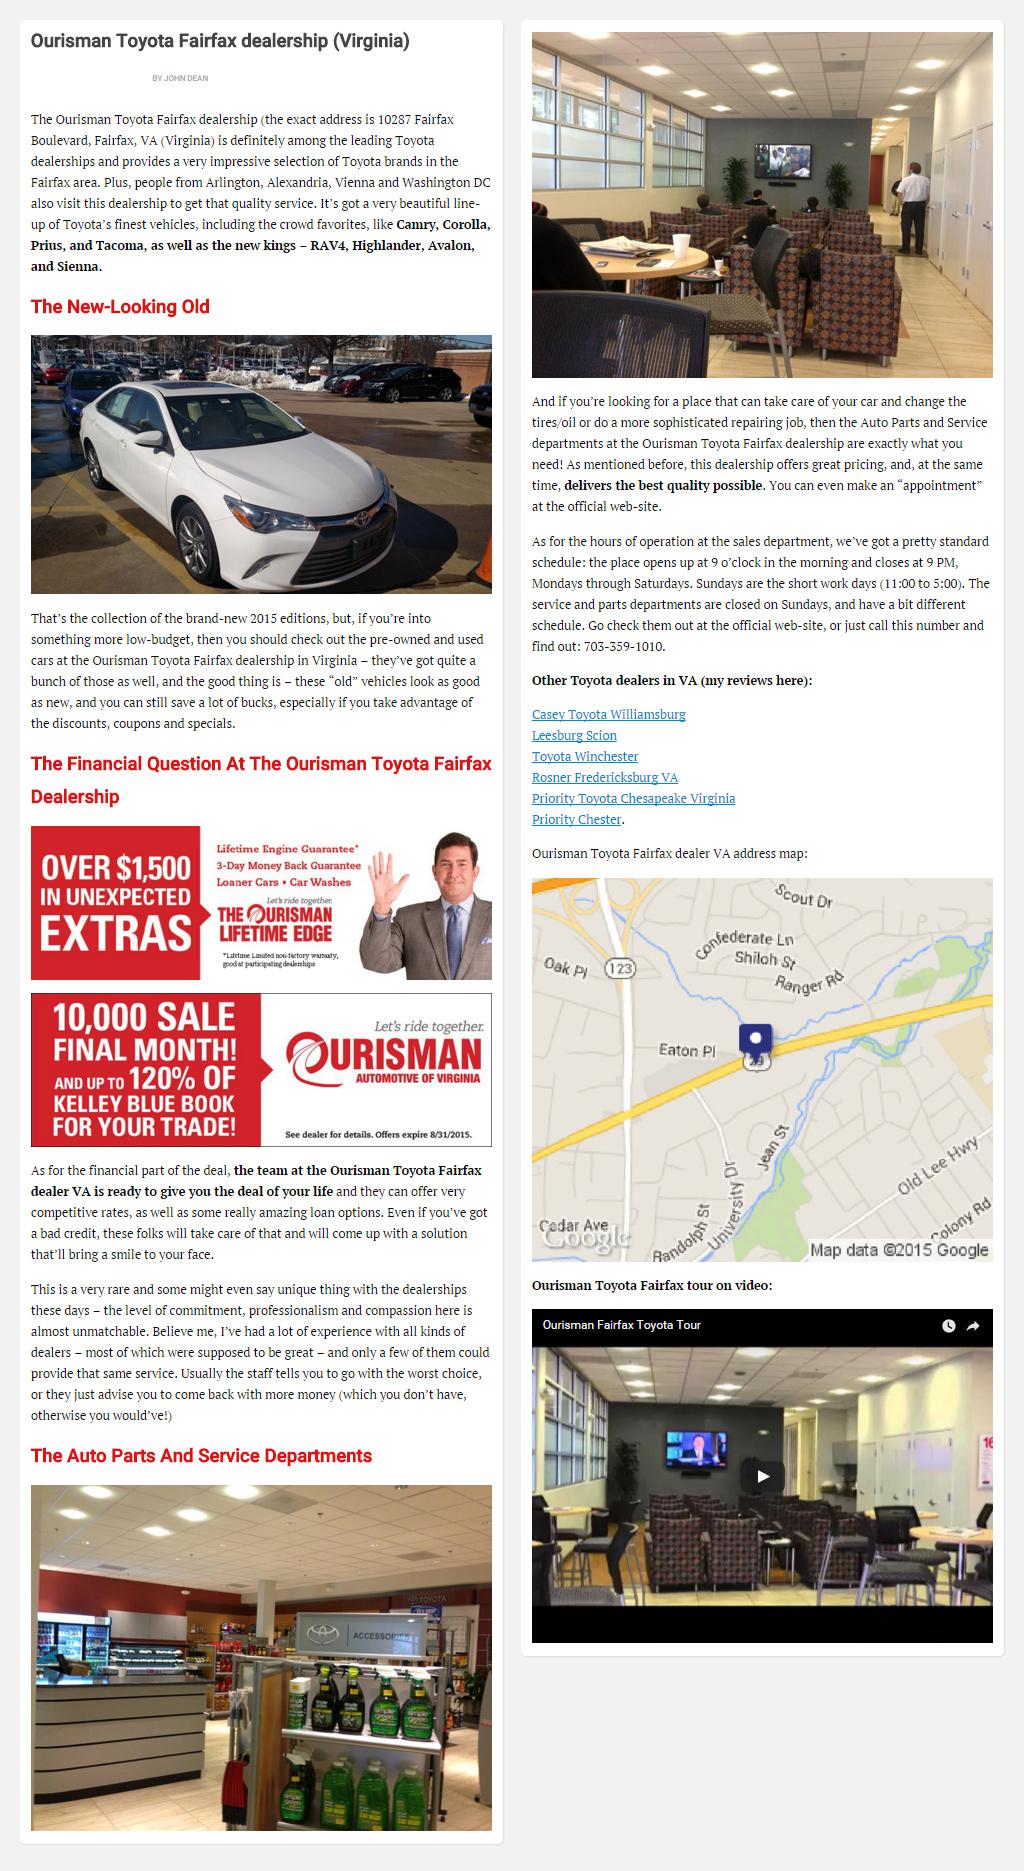 """Постинг статьи """"Ourisman Toyota Fairfax dealership (Virginia)"""""""